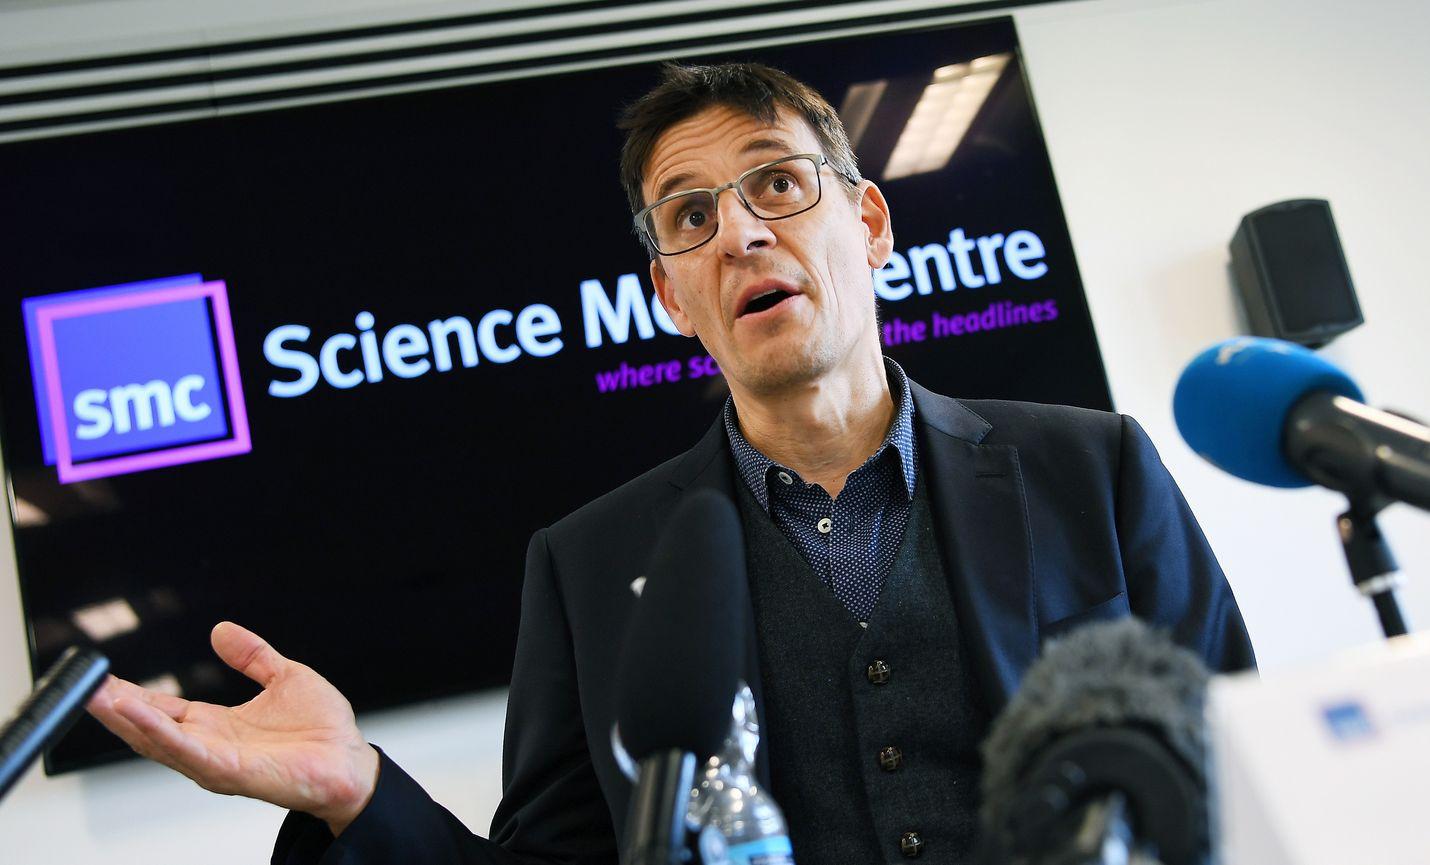 """Yksi fysiikan Nobel-voittajista, sveitsiläinen astrofyysikko Didier Queloz sanoi toimittajille Nobel-voiton olevan mahtava palkinto """"huippujännittävistä löydöksistä"""", joita hän on tehnyt yhdessä kollegoidensa kanssa."""